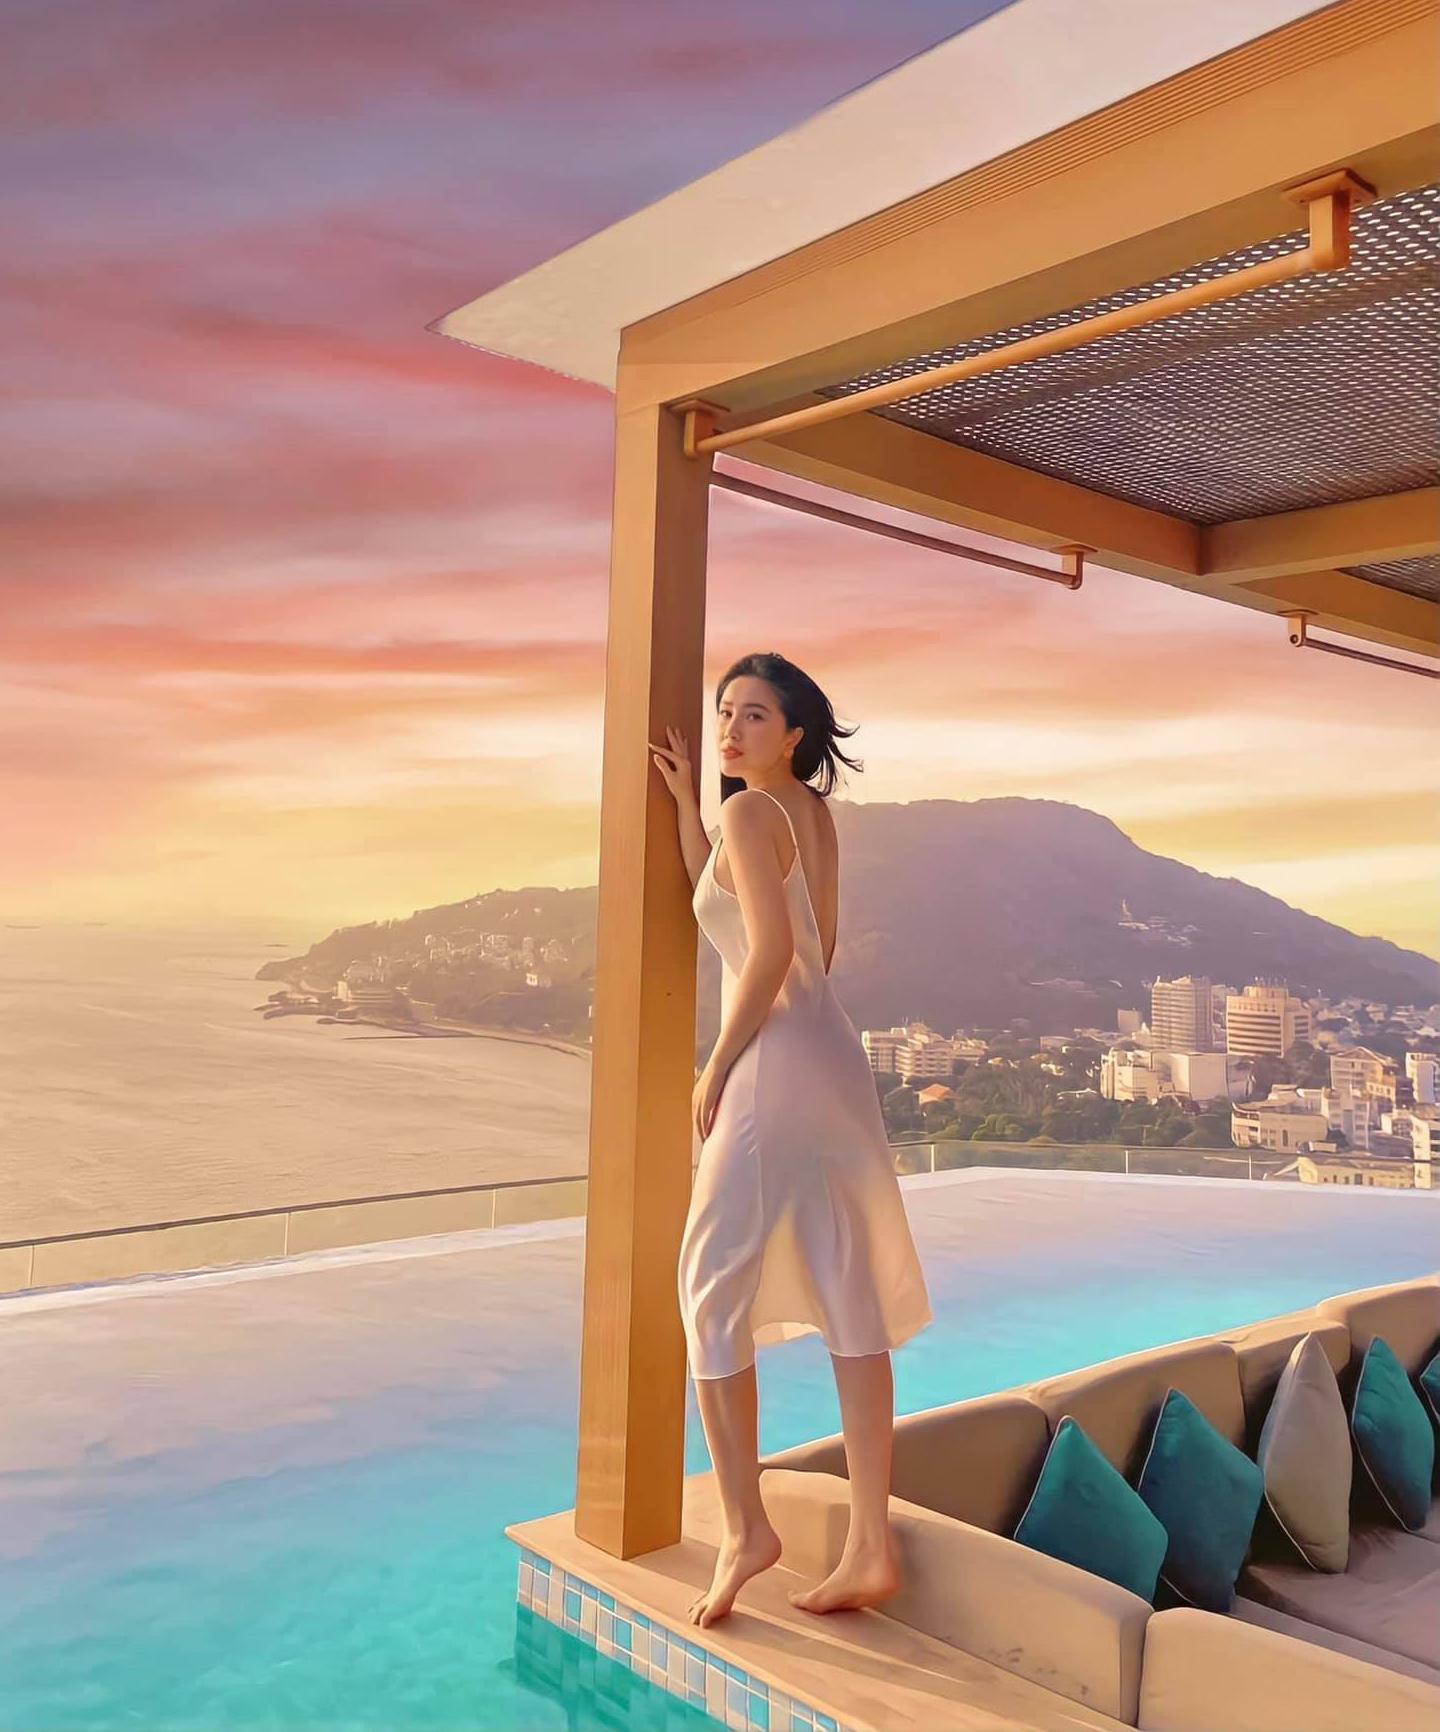 Bảo Thy khoe ảnh đón hoàng hôn ảo diệu trong một resort tại Vũng Tàu.